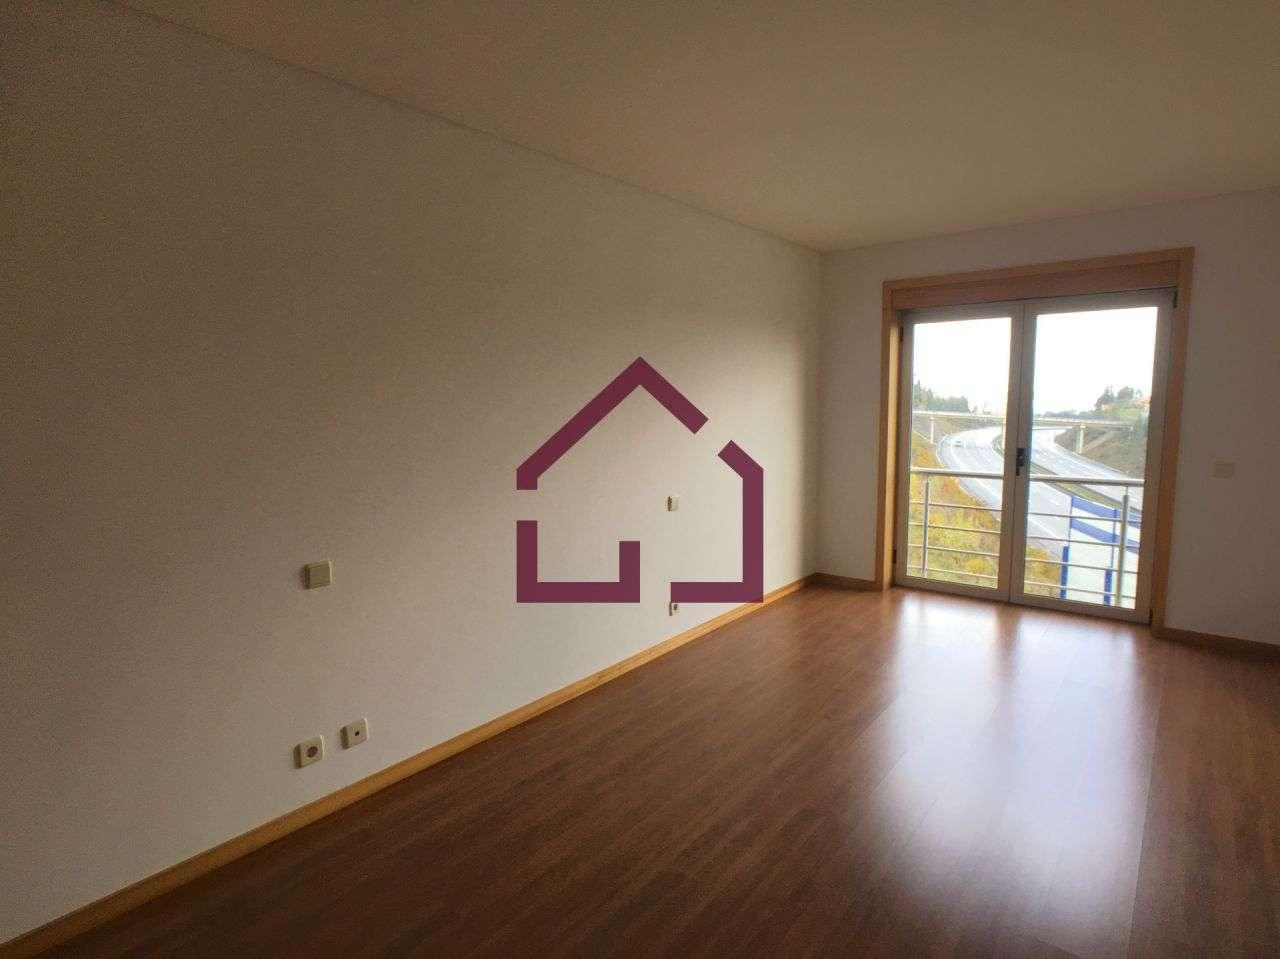 Apartamento para comprar, Santa Maria da Feira, Travanca, Sanfins e Espargo, Aveiro - Foto 7